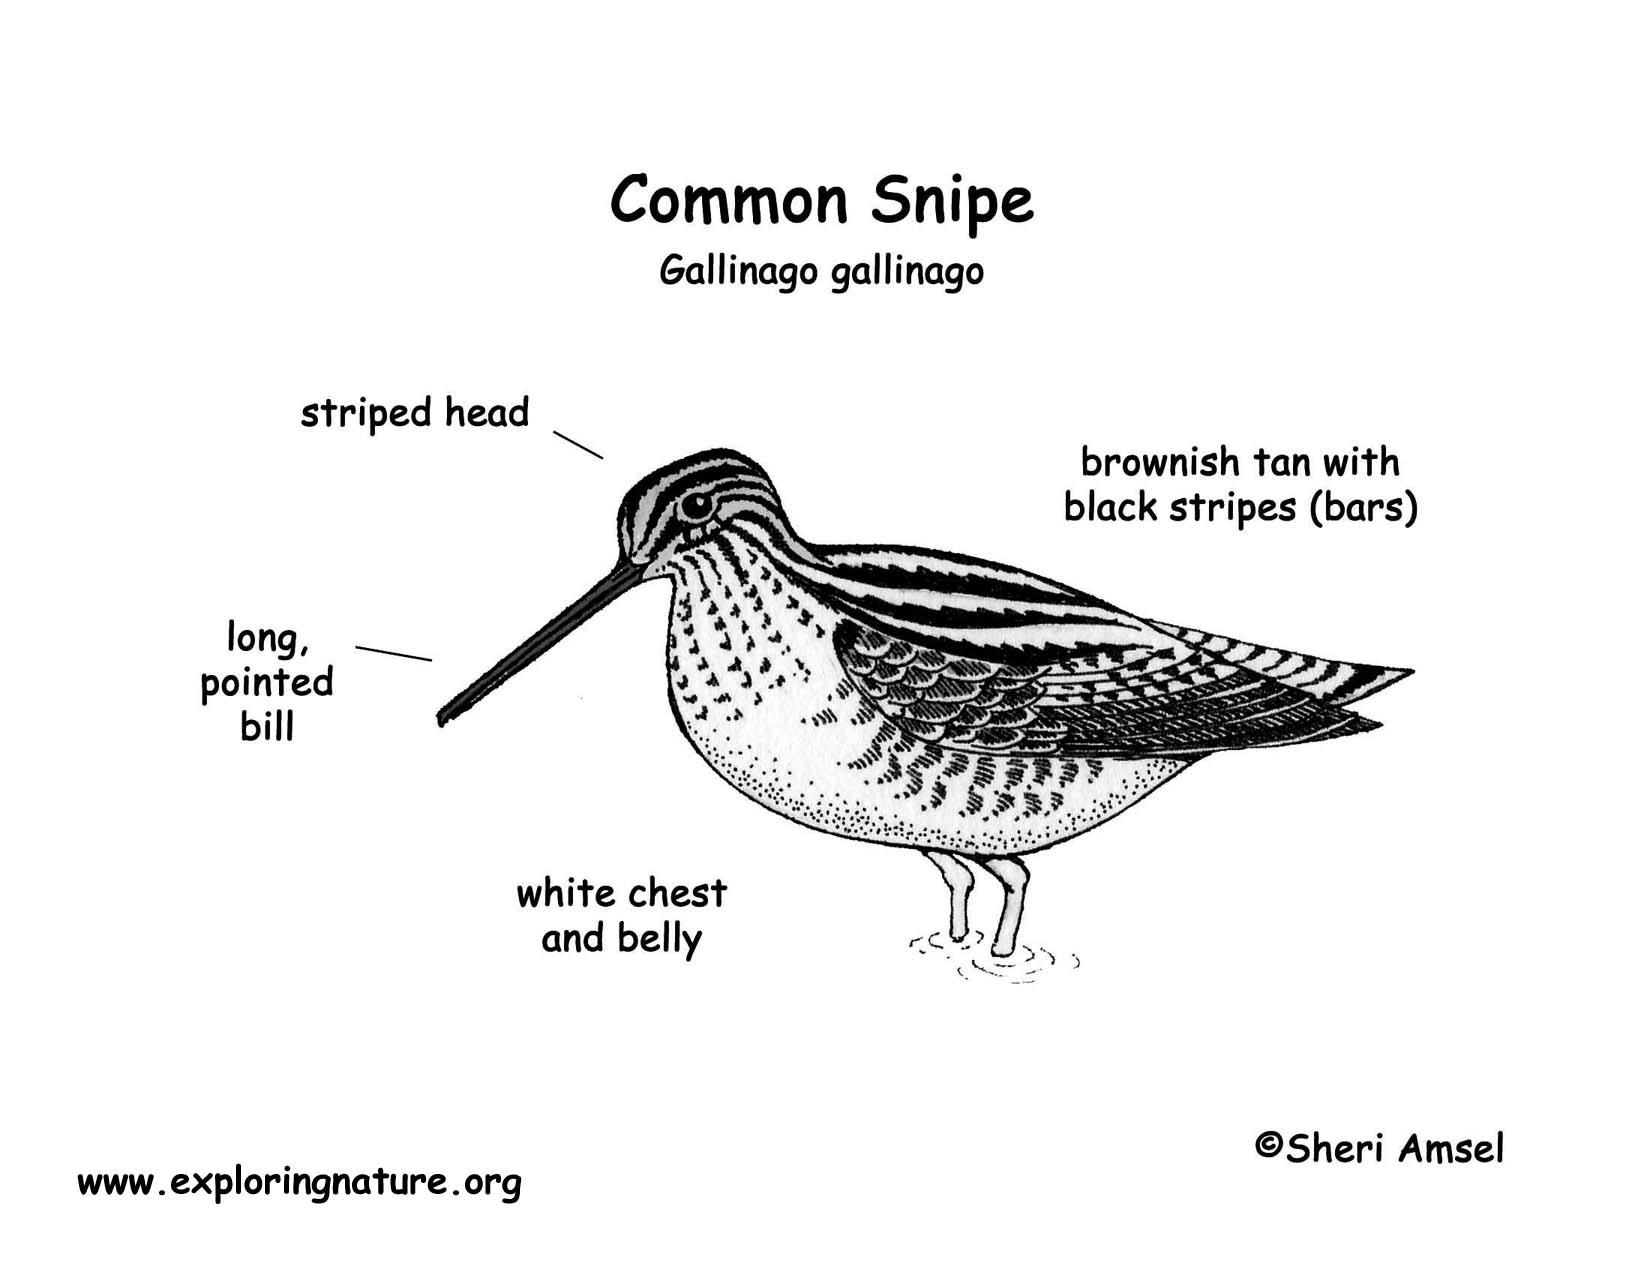 Snipe Common